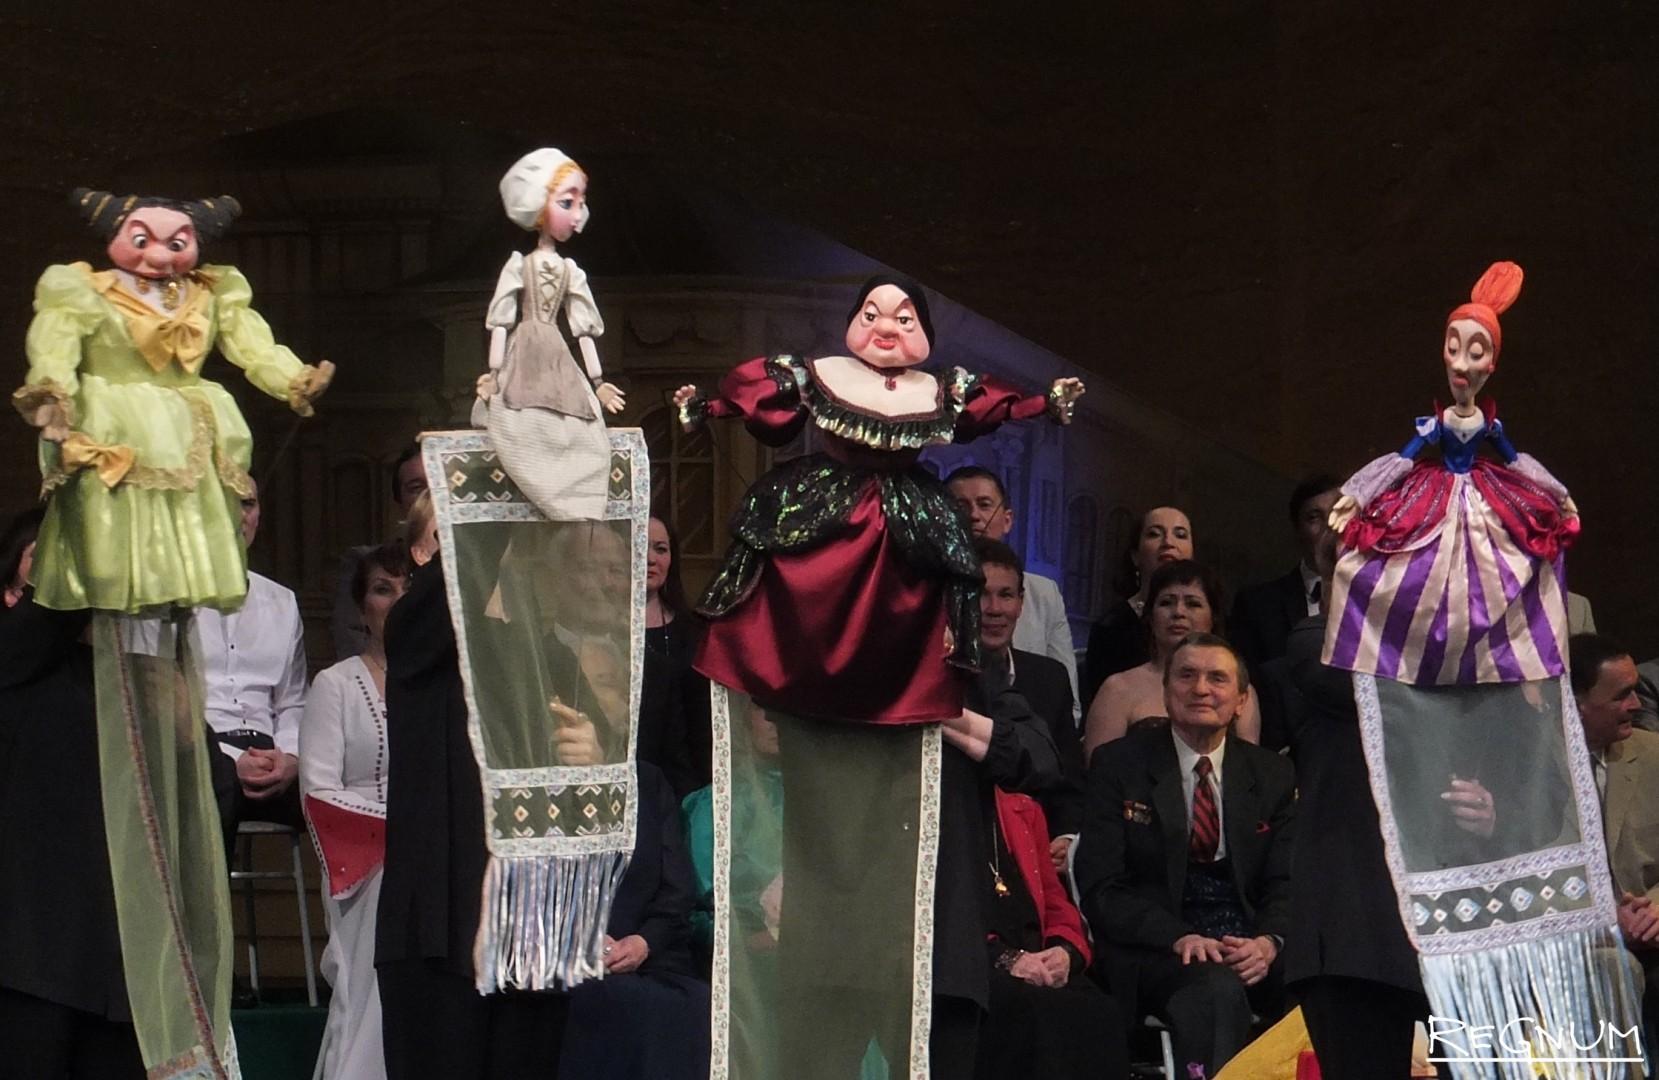 Поздравления от кукольного театра